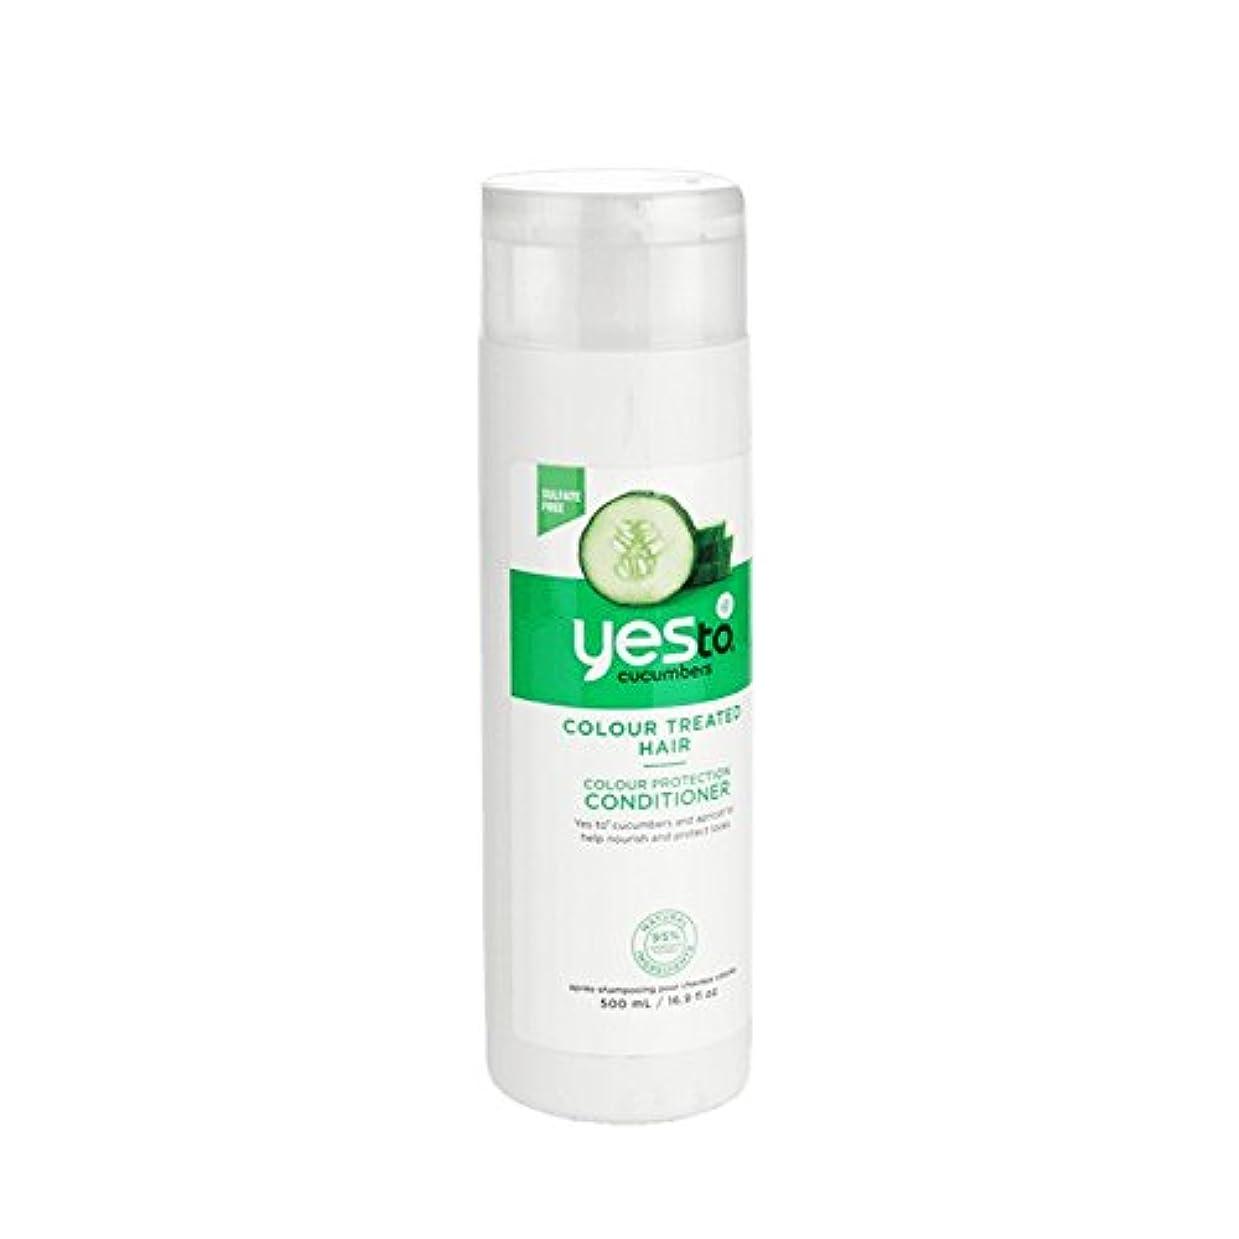 インスタンス簡潔な請願者Yes To Cucumbers Colour Protection Conditioner 500ml (Pack of 6) - はいキュウリの色の保護コンディショナー500ミリリットルへ (x6) [並行輸入品]